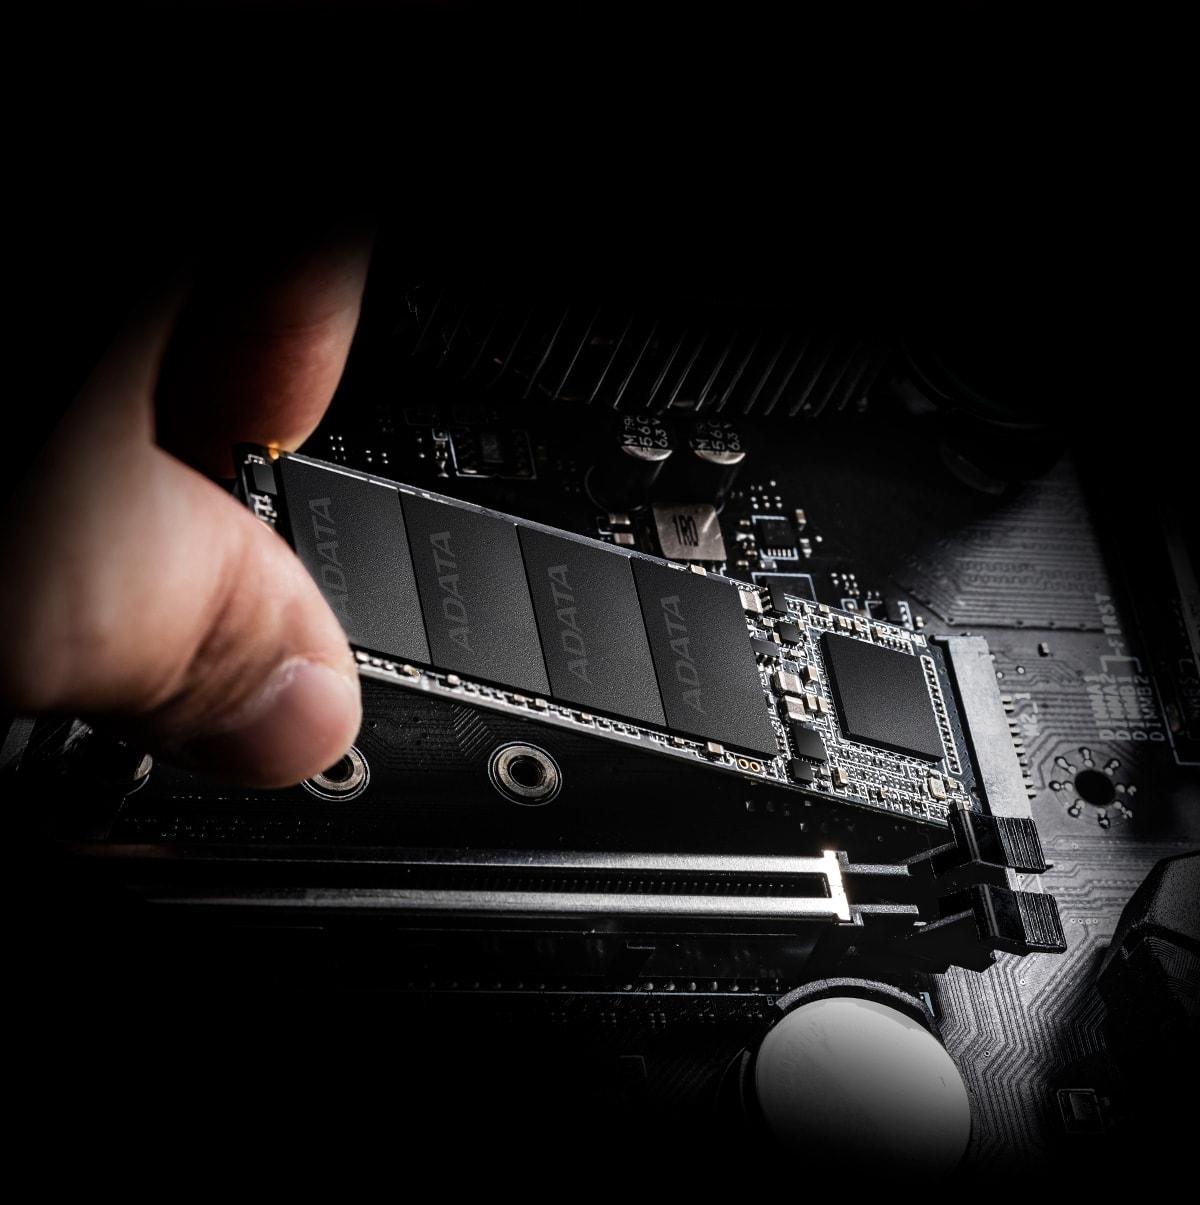 قیمت خرید اس اس دی اینترنال ایکس پی جی مدل SX6000 Pro PCIe Gen3x4 M.2 2280 با ظرفیت 1 ترابایت